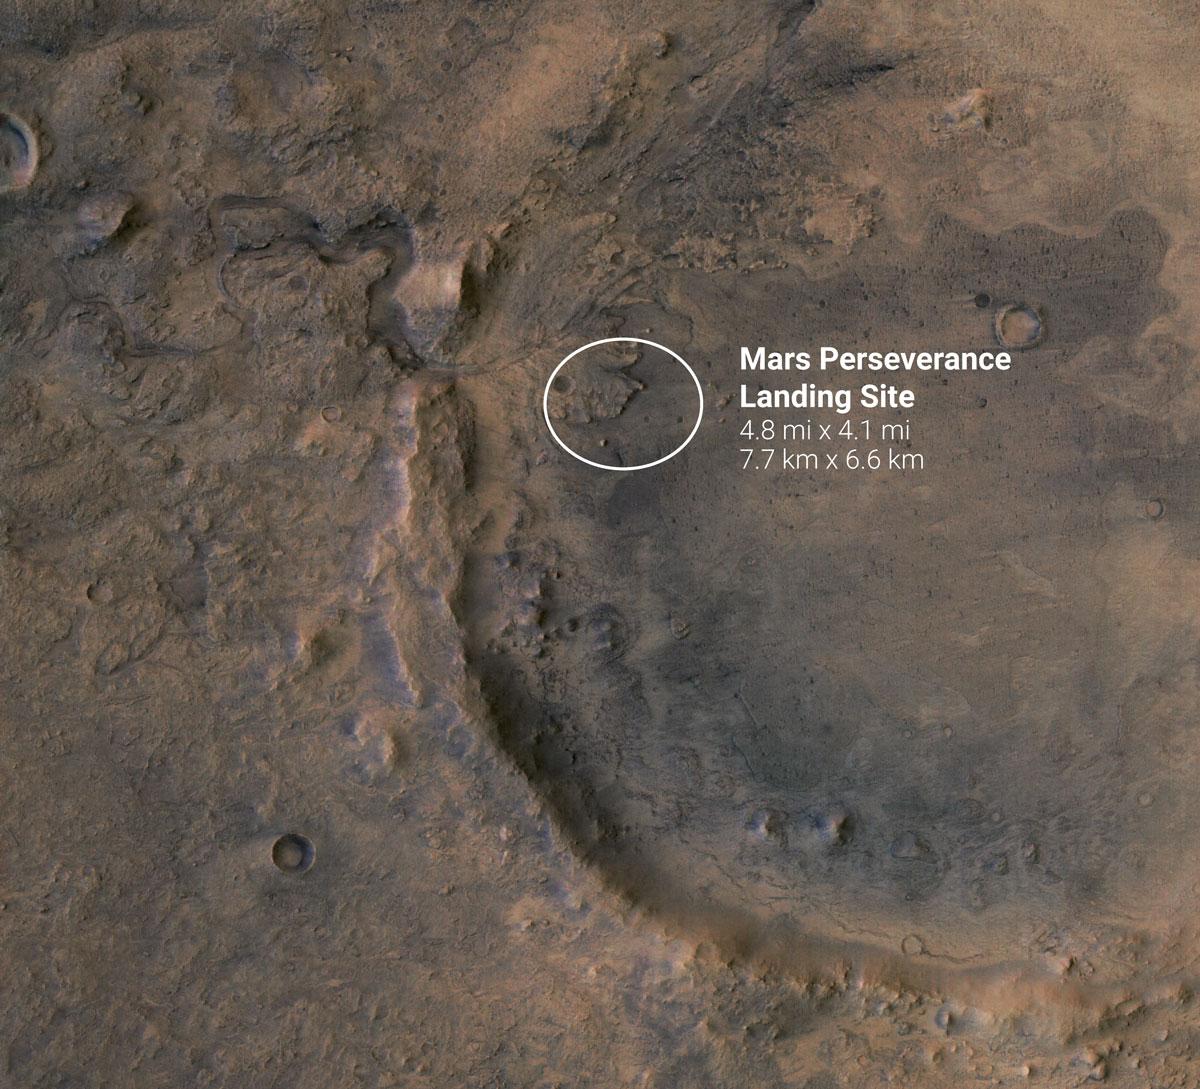 Le cercle blanc près du centre de cette image de Mars représente l'endroit où le Perseverance Rover de la NASA doit atterrir le 18 février 2021.